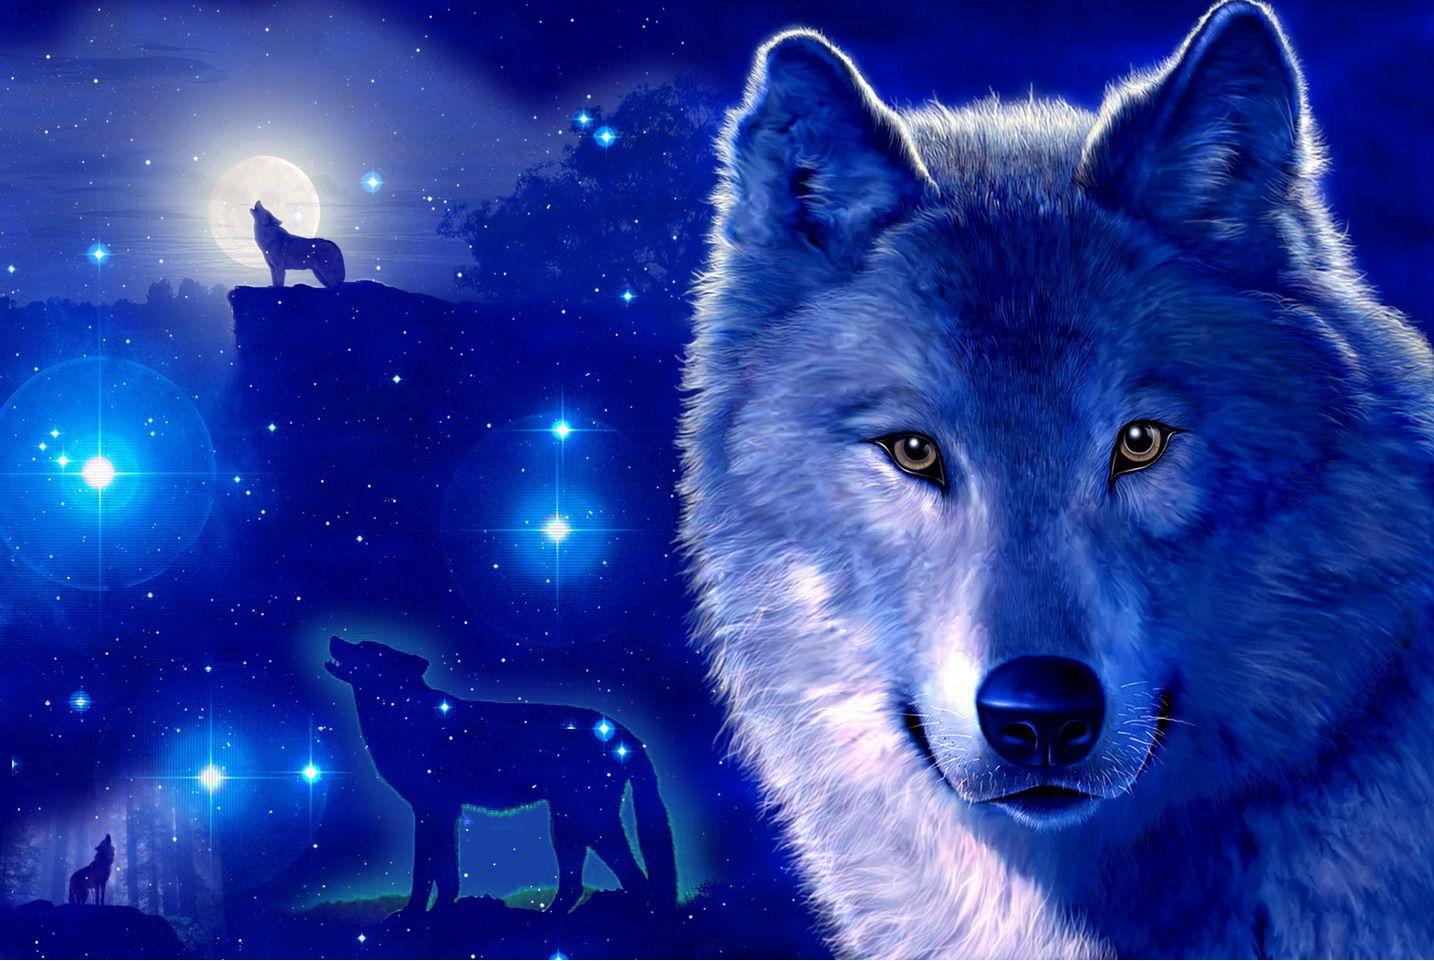 Картинки волки красивые на телефон